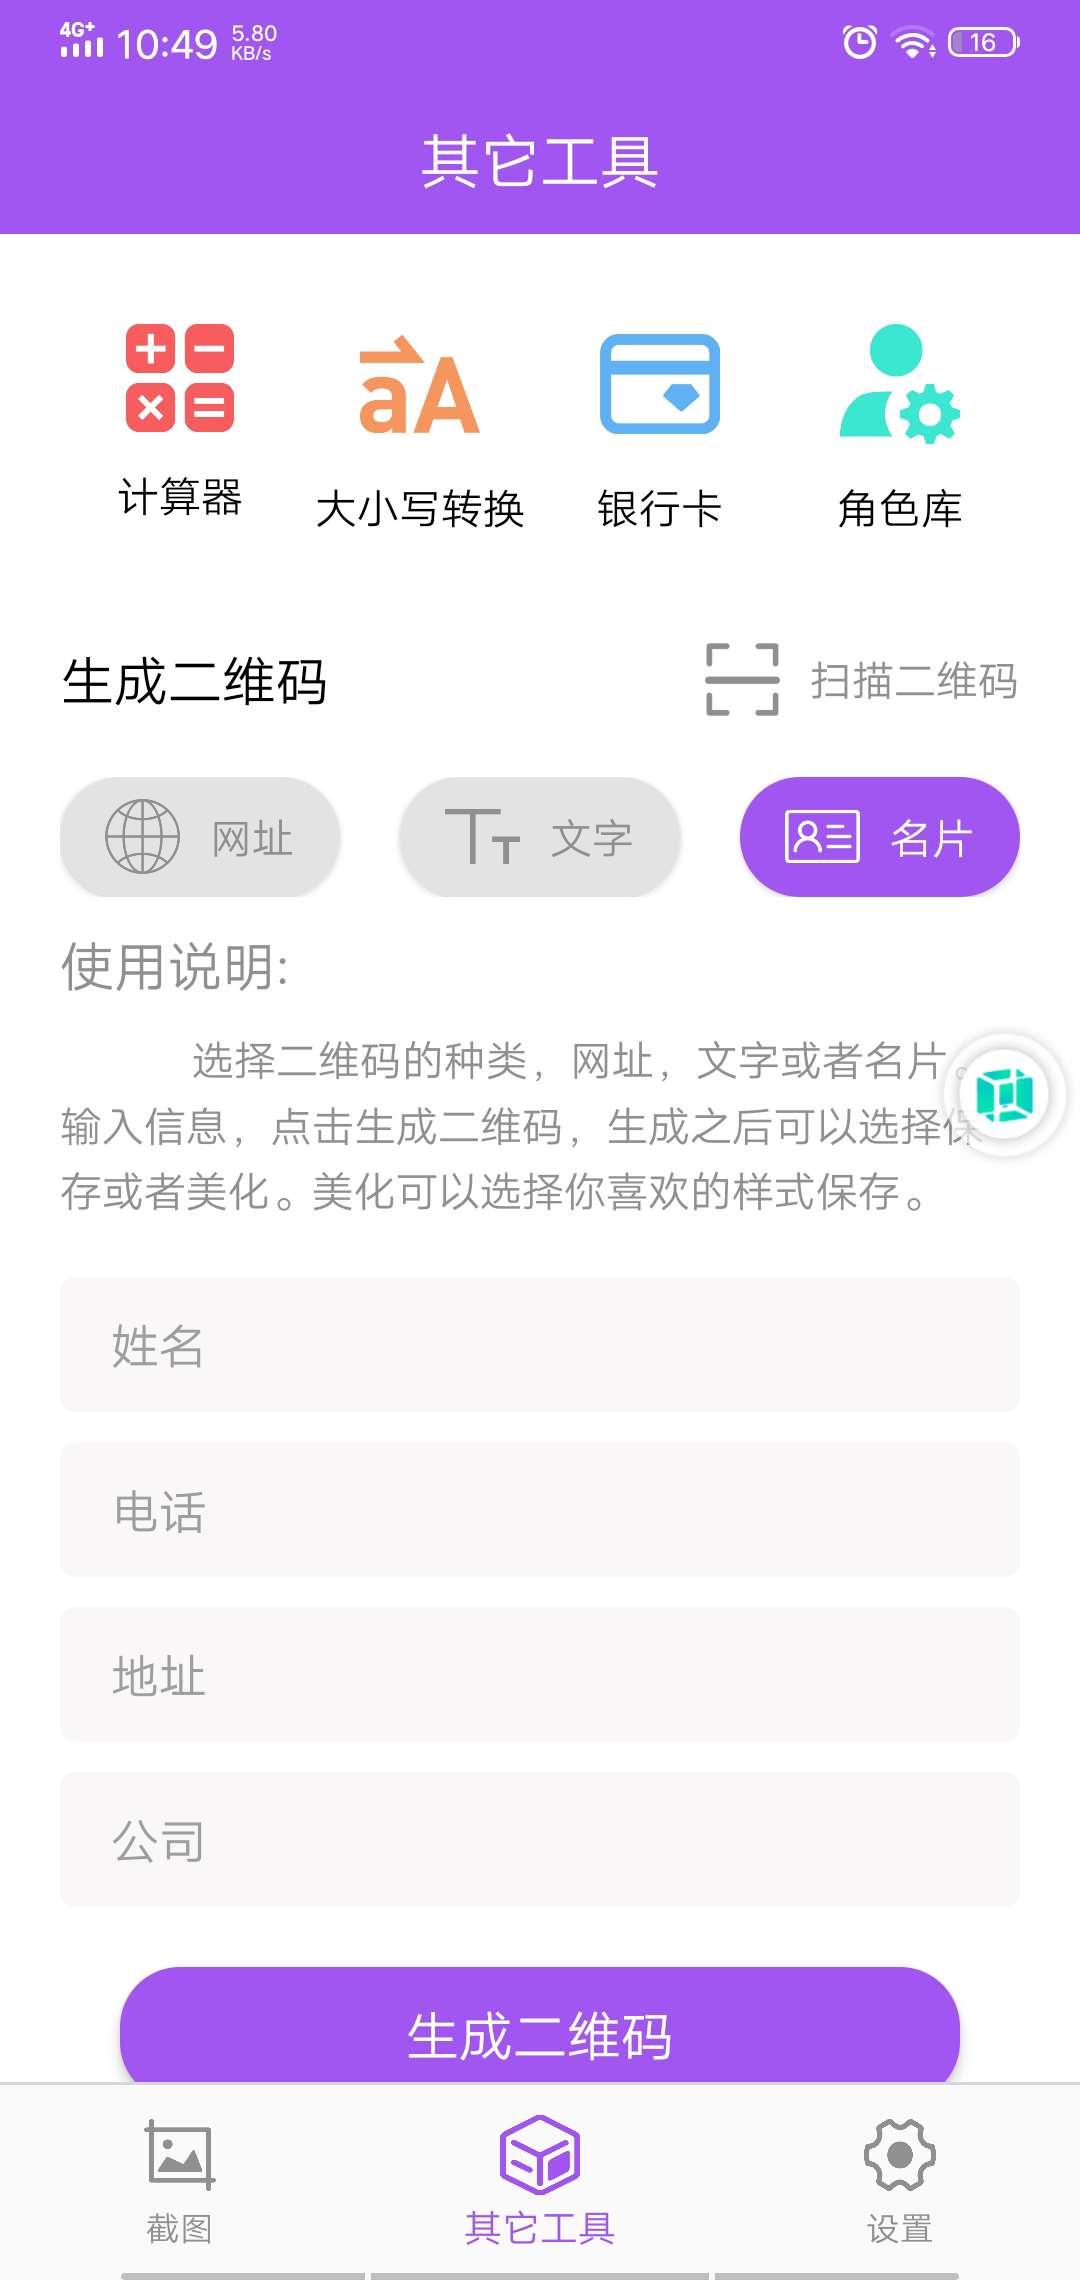 【原创修改】 微商截图大师.ver.5.2.6